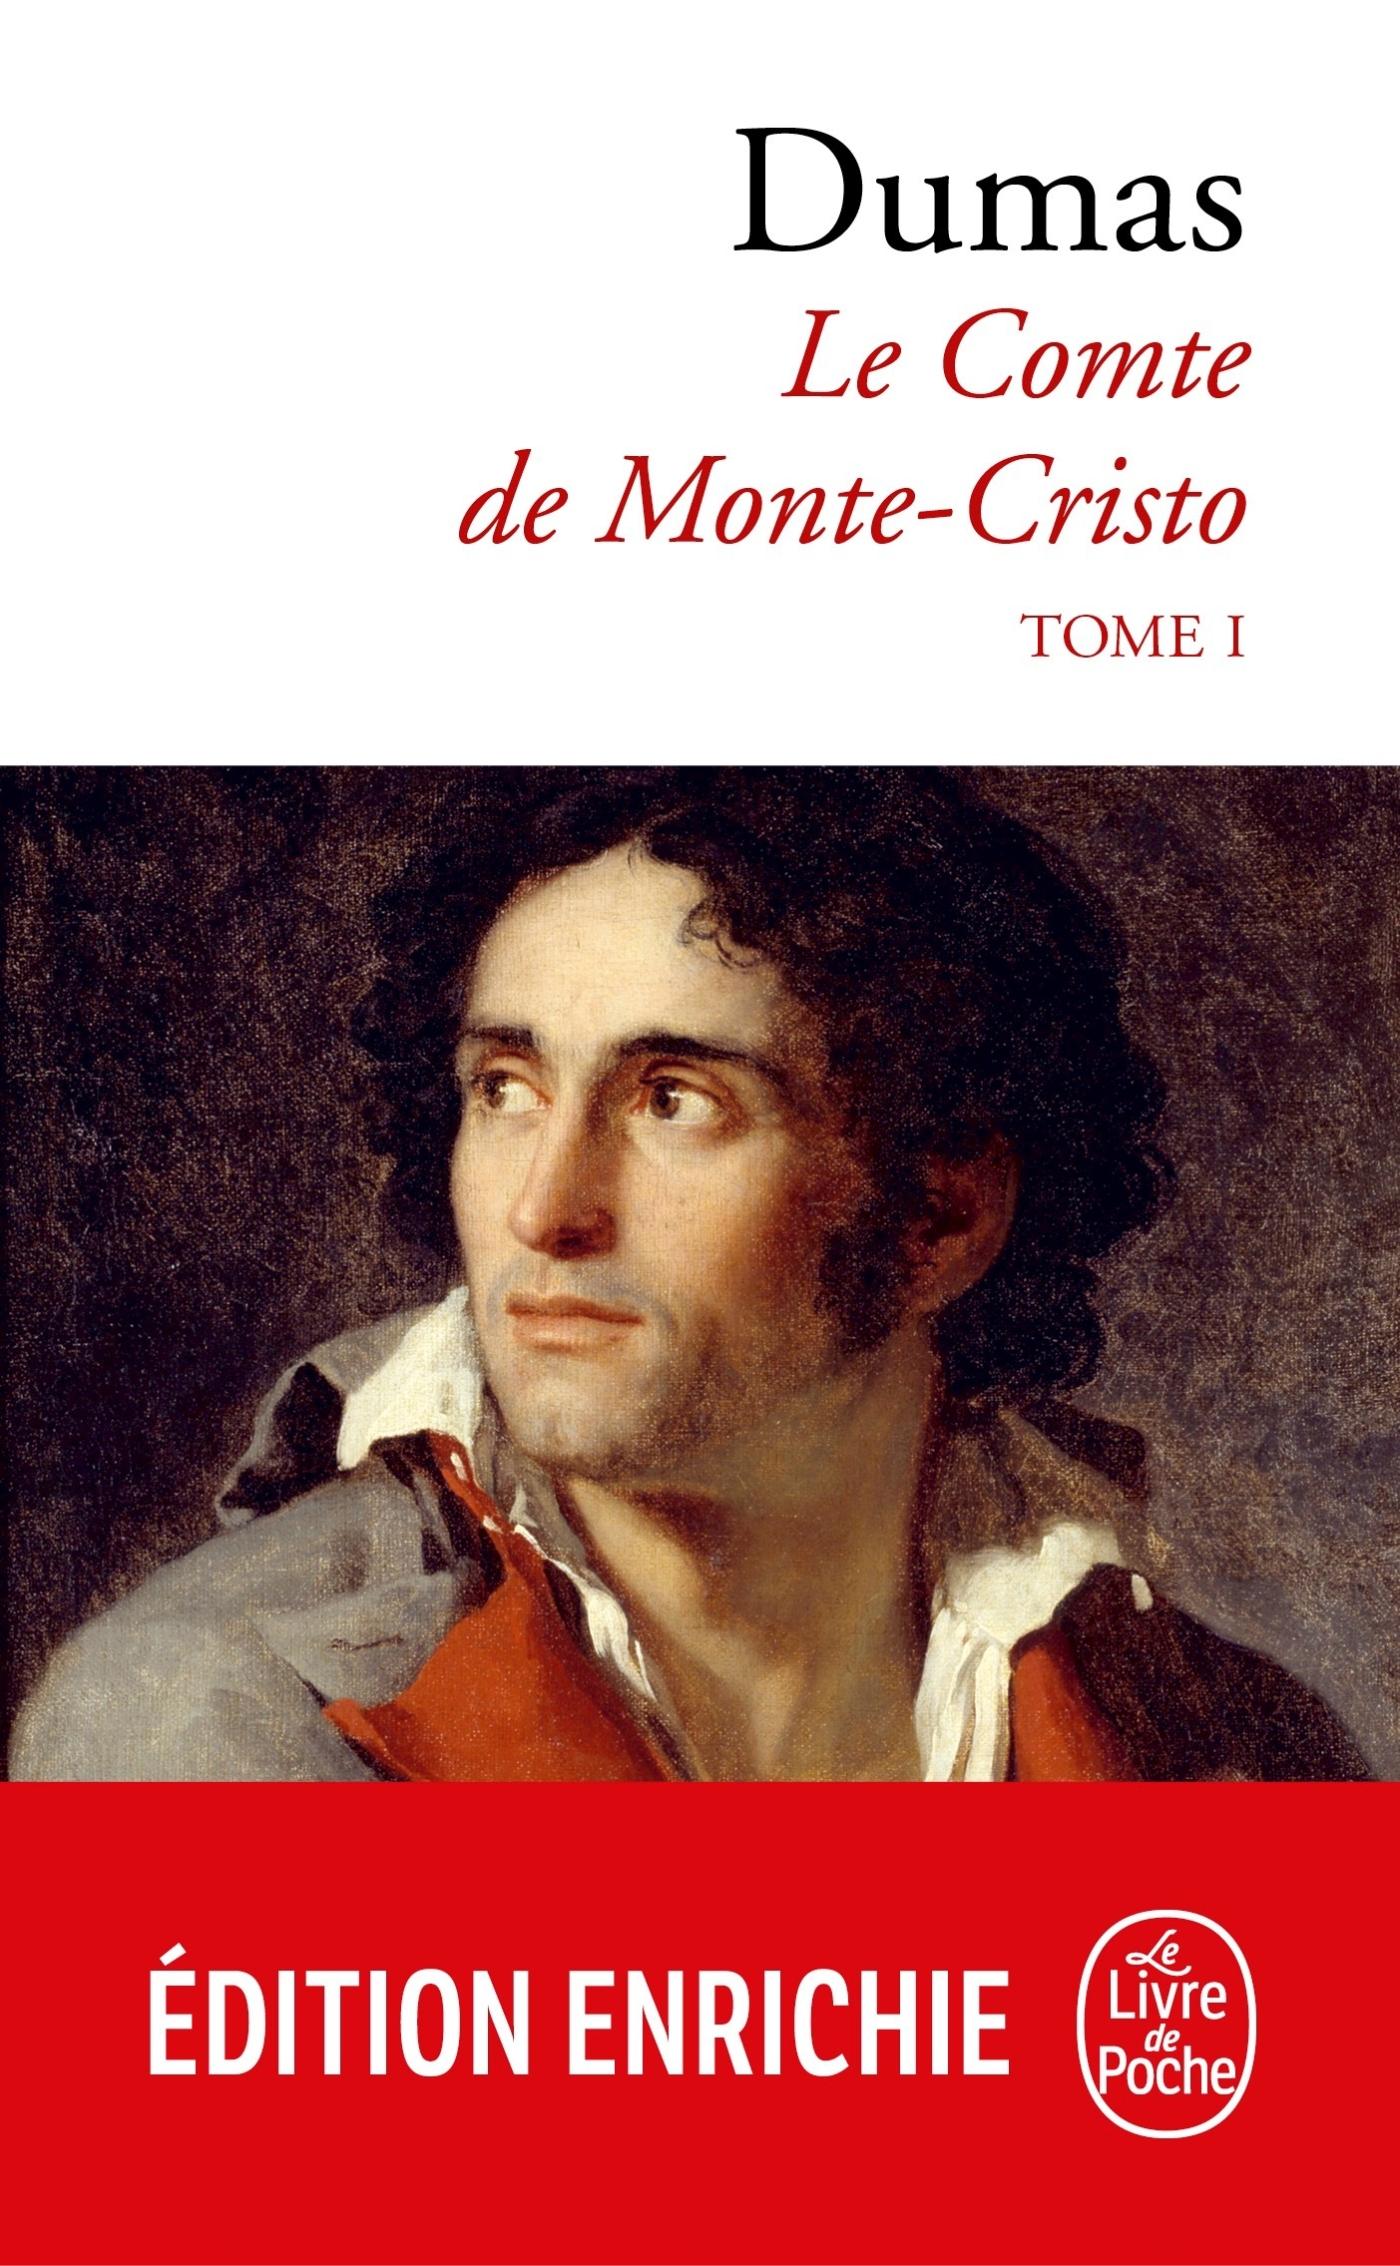 Le Comte de Monte-Cristo tome 1